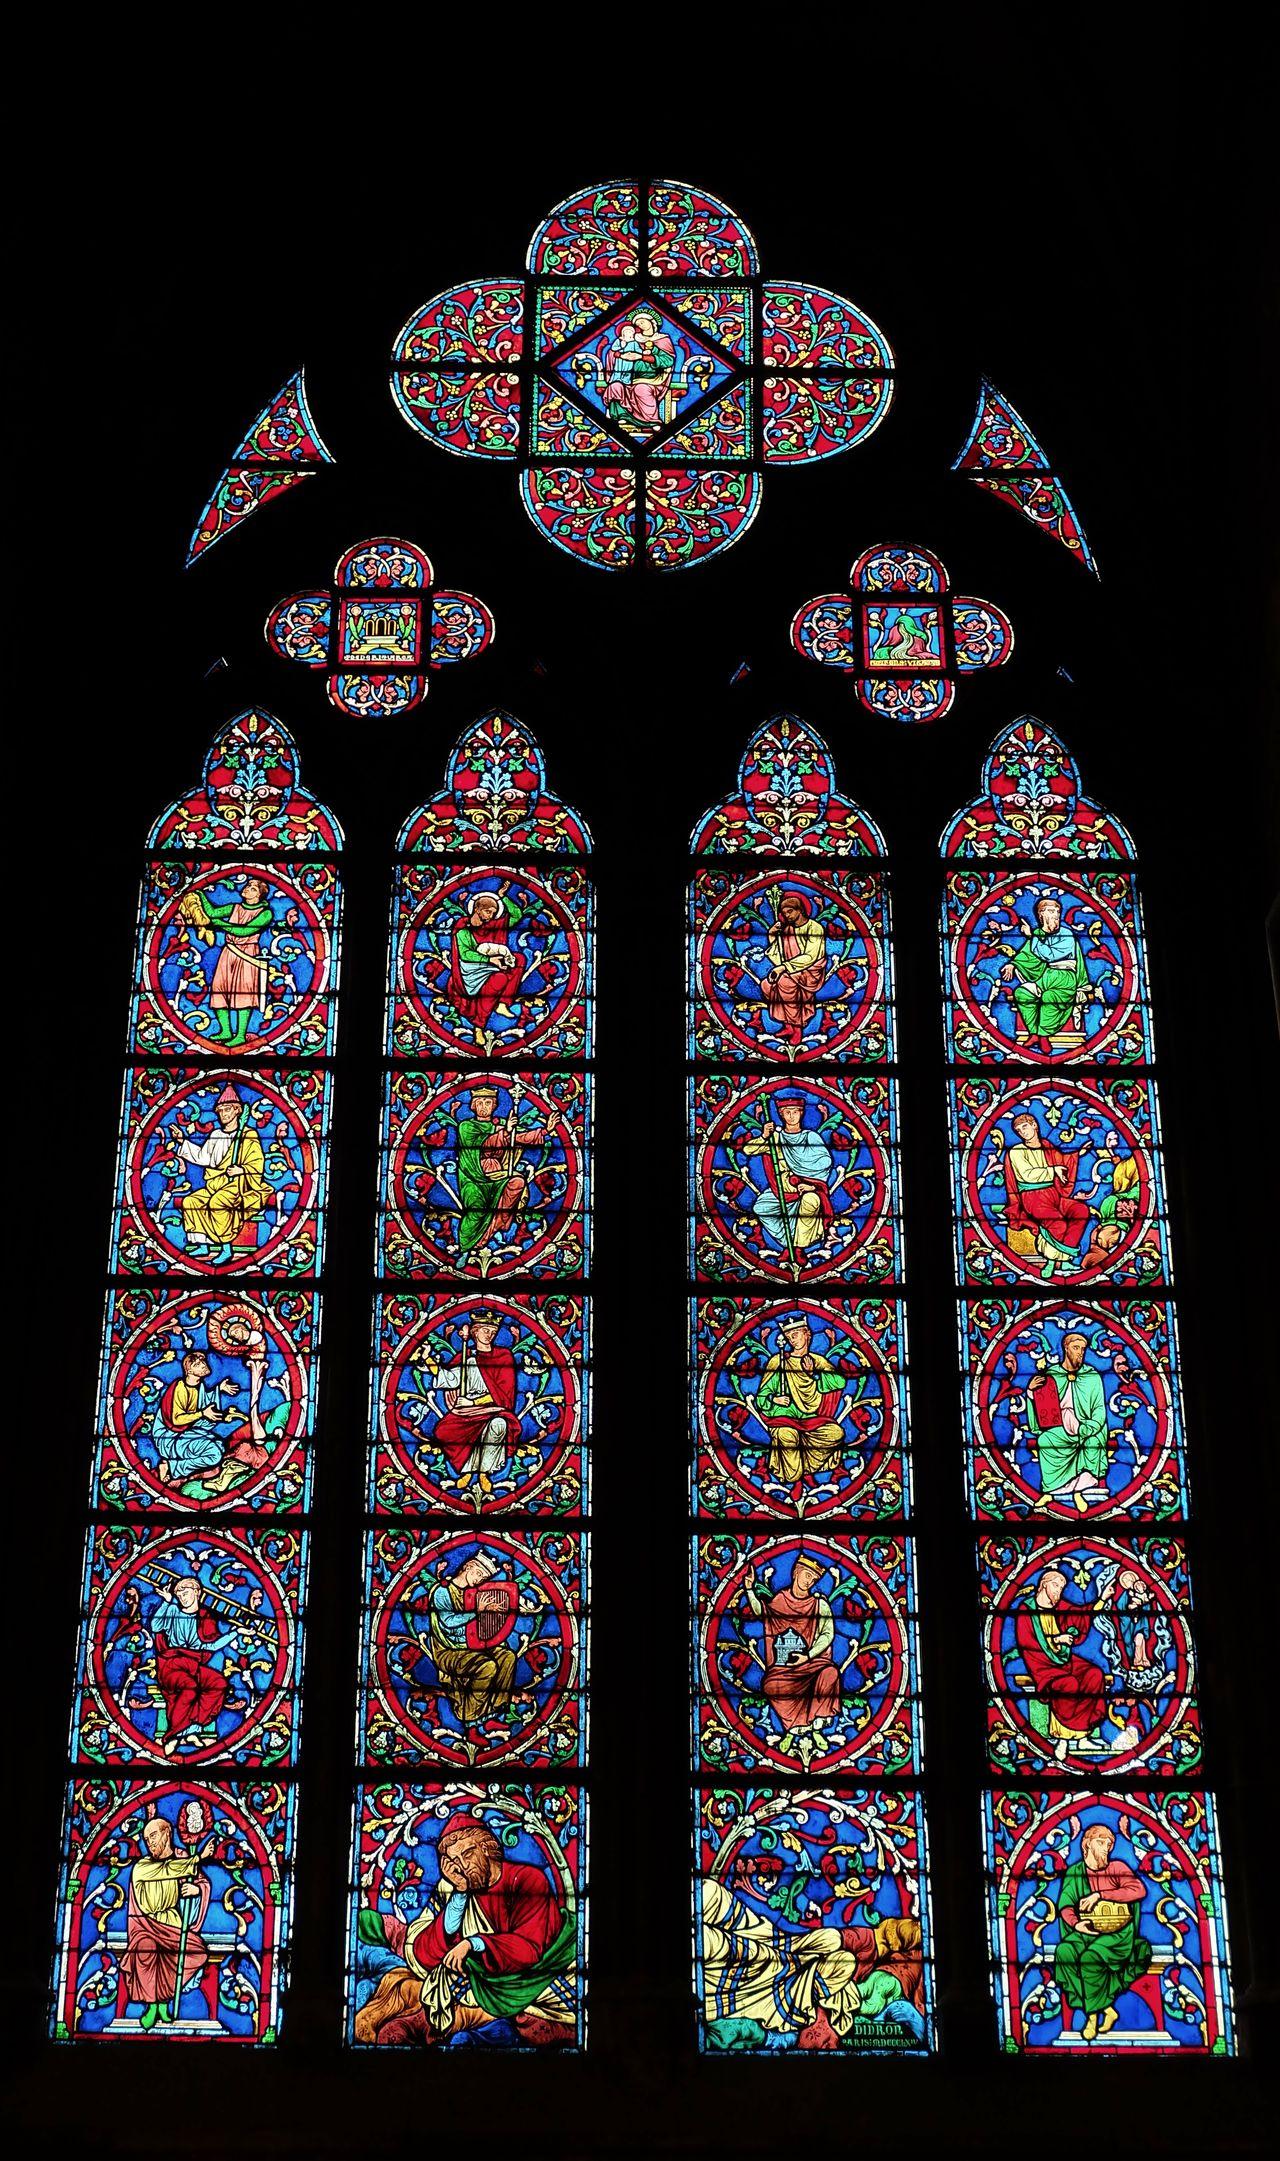 Cathedral Cathedrale Notre Dame Notre Dame Cathedral Notre Dame Cathedral Paris Notre Dame De Paris Notre-Dame Stained Glass Stained Glass Art Stained Glass Window